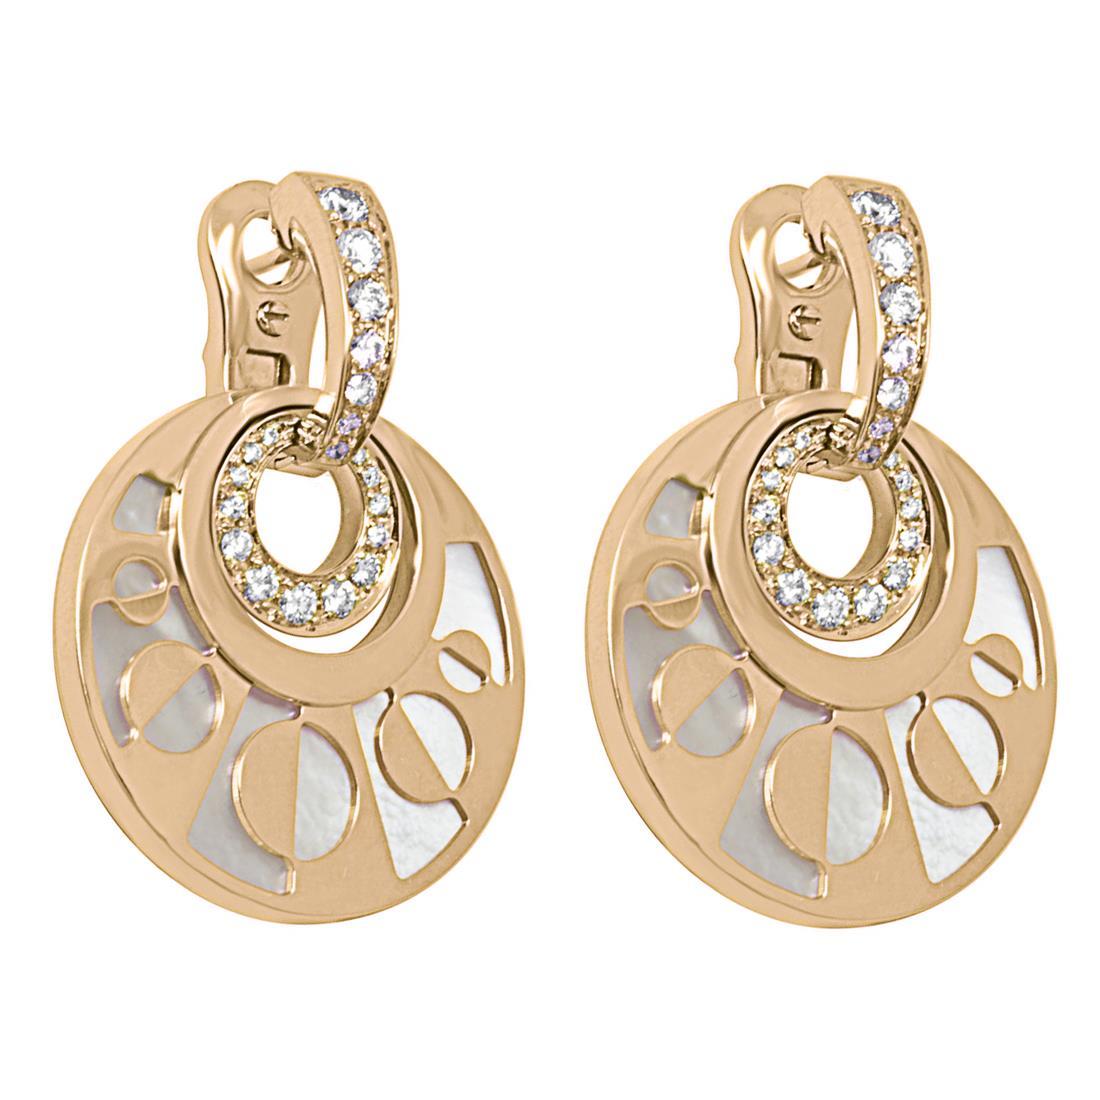 Orecchini in oro rosa con diamanti e madreperla bianca - BULGARI